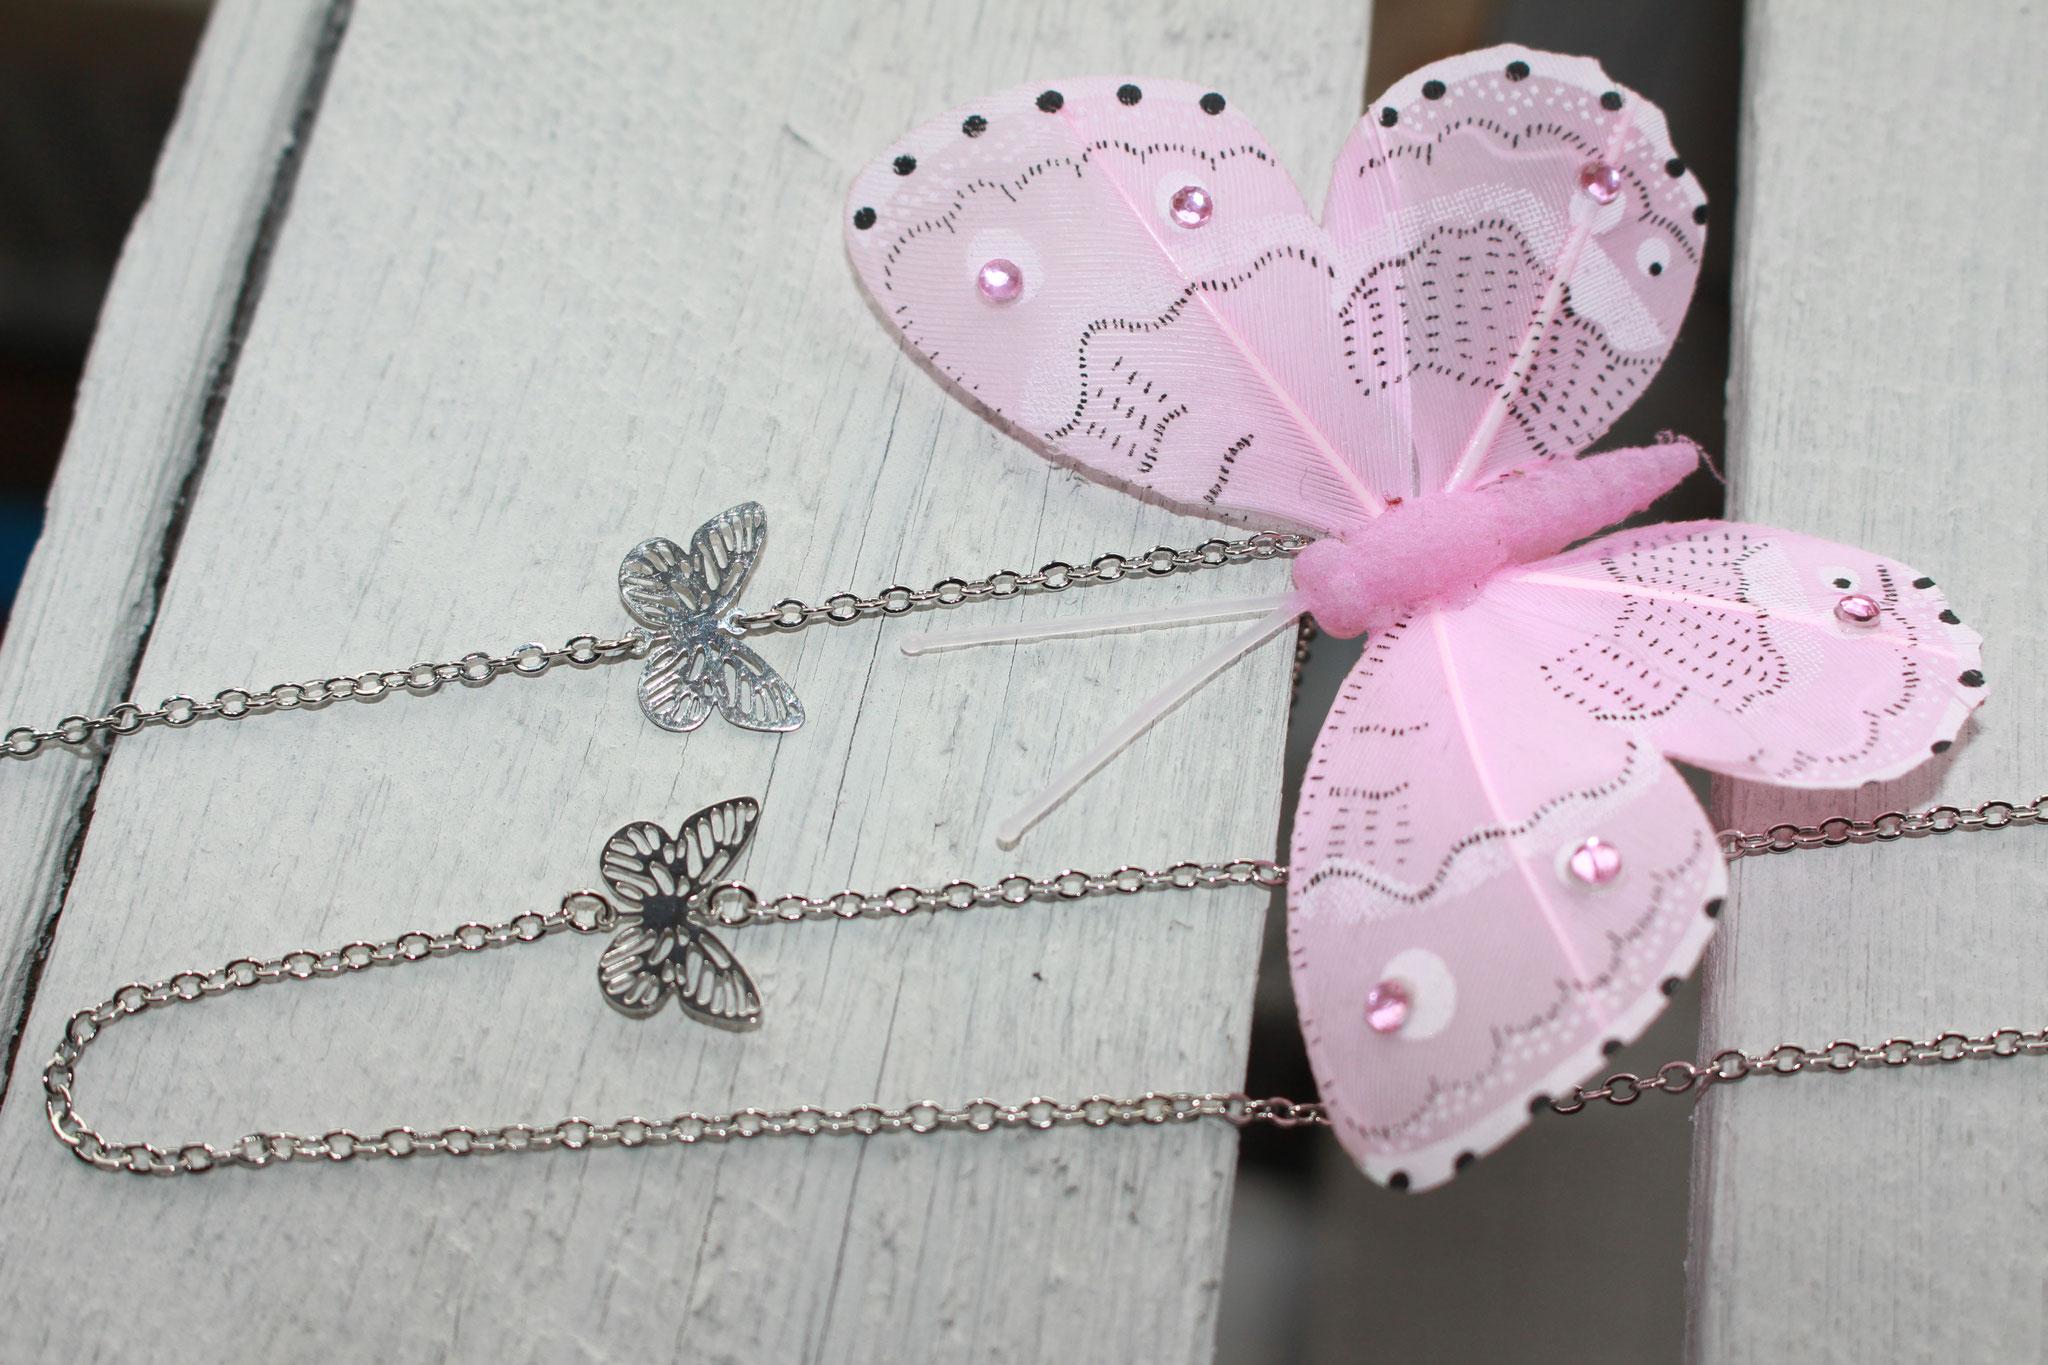 NEU - der Frühling kommt - Set aus Halskette und Armband